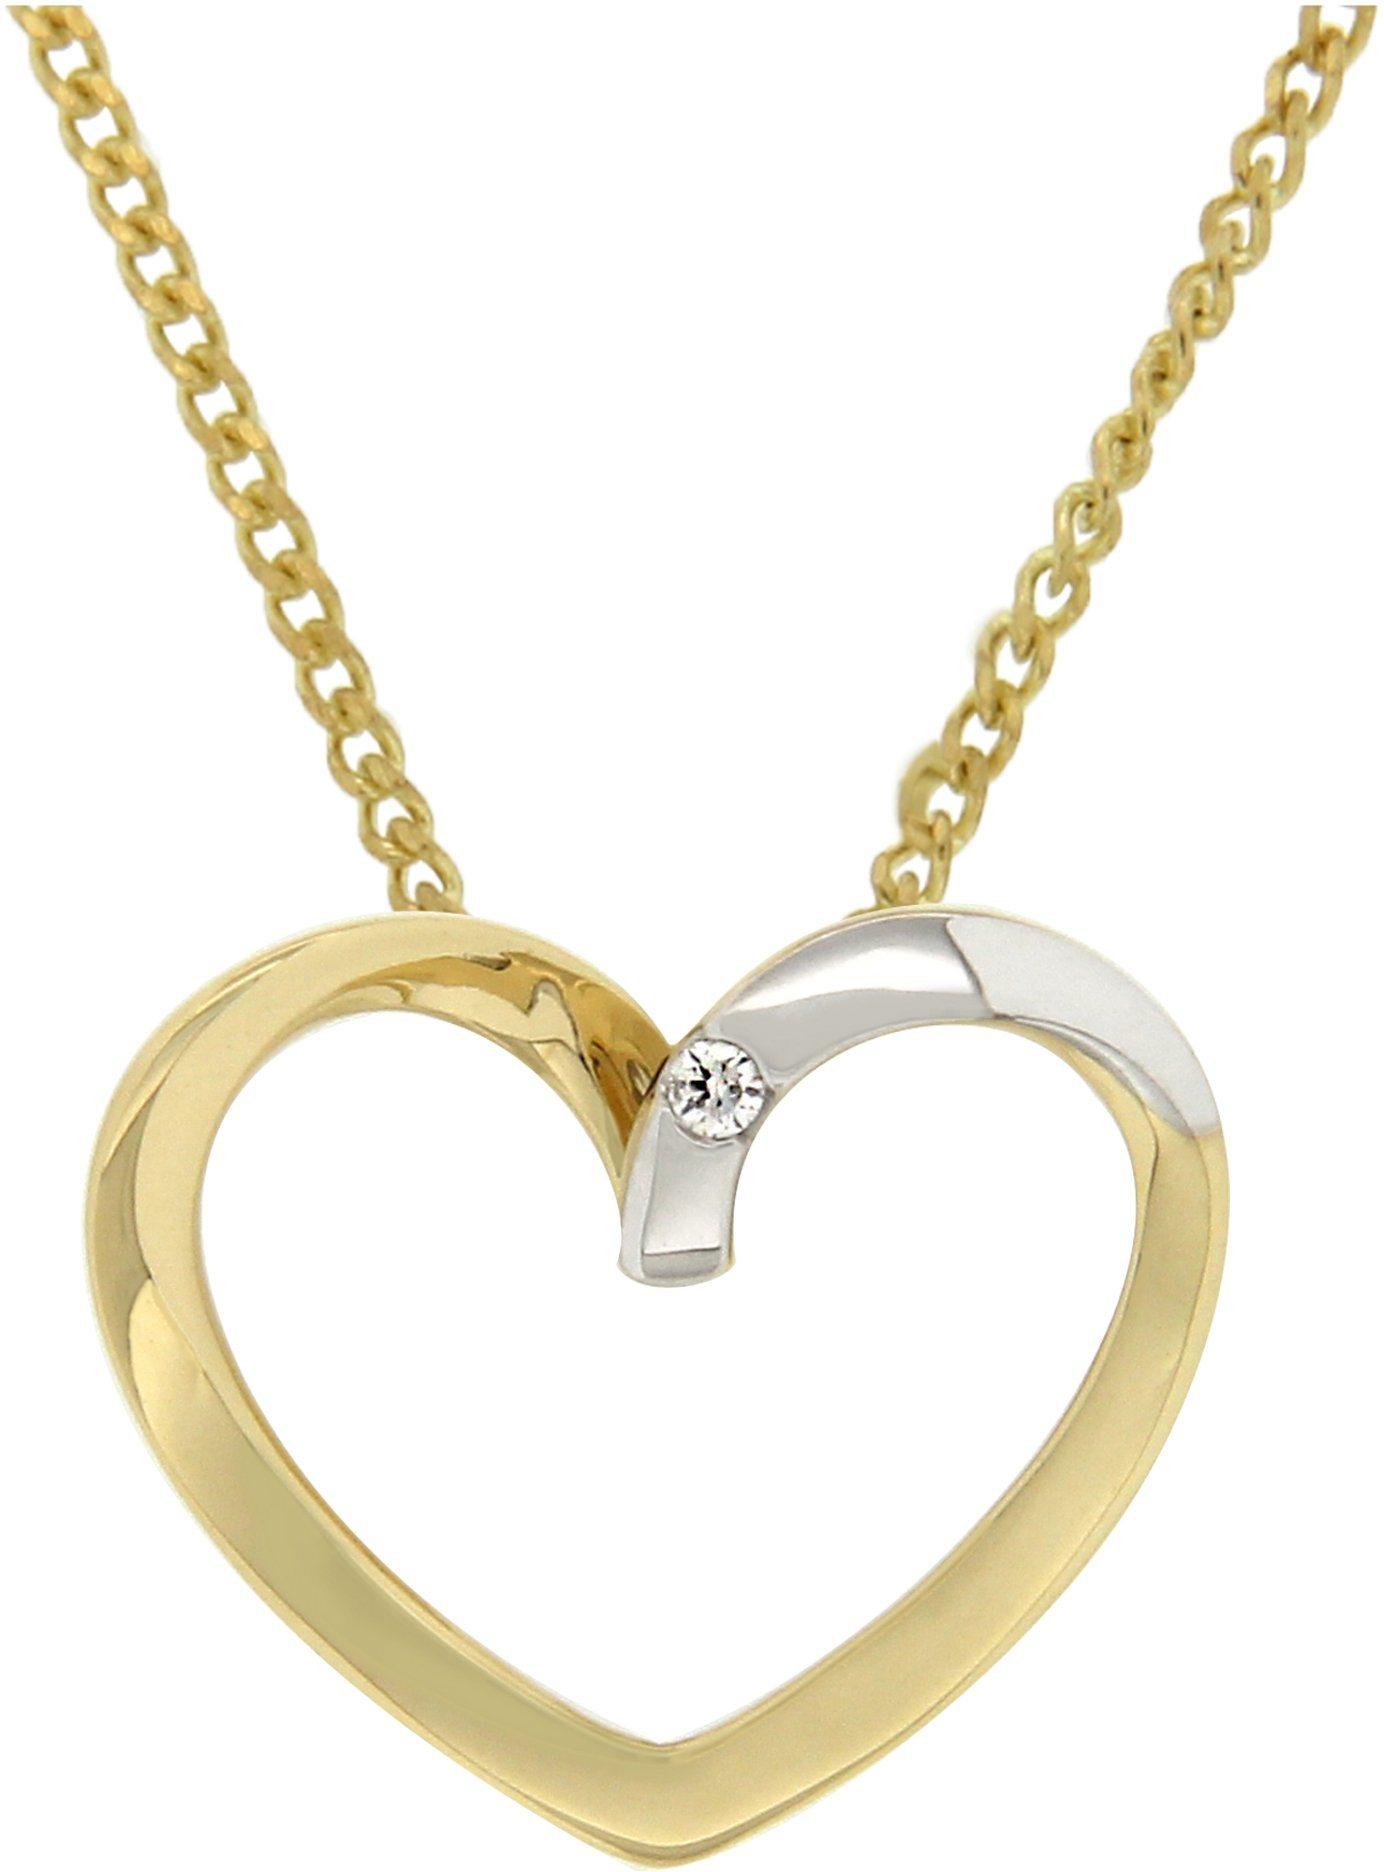 Vivance Jewels Anhänger »Herz« mit Brillant | Schmuck > Halsketten > Herzketten | Vivance jewels